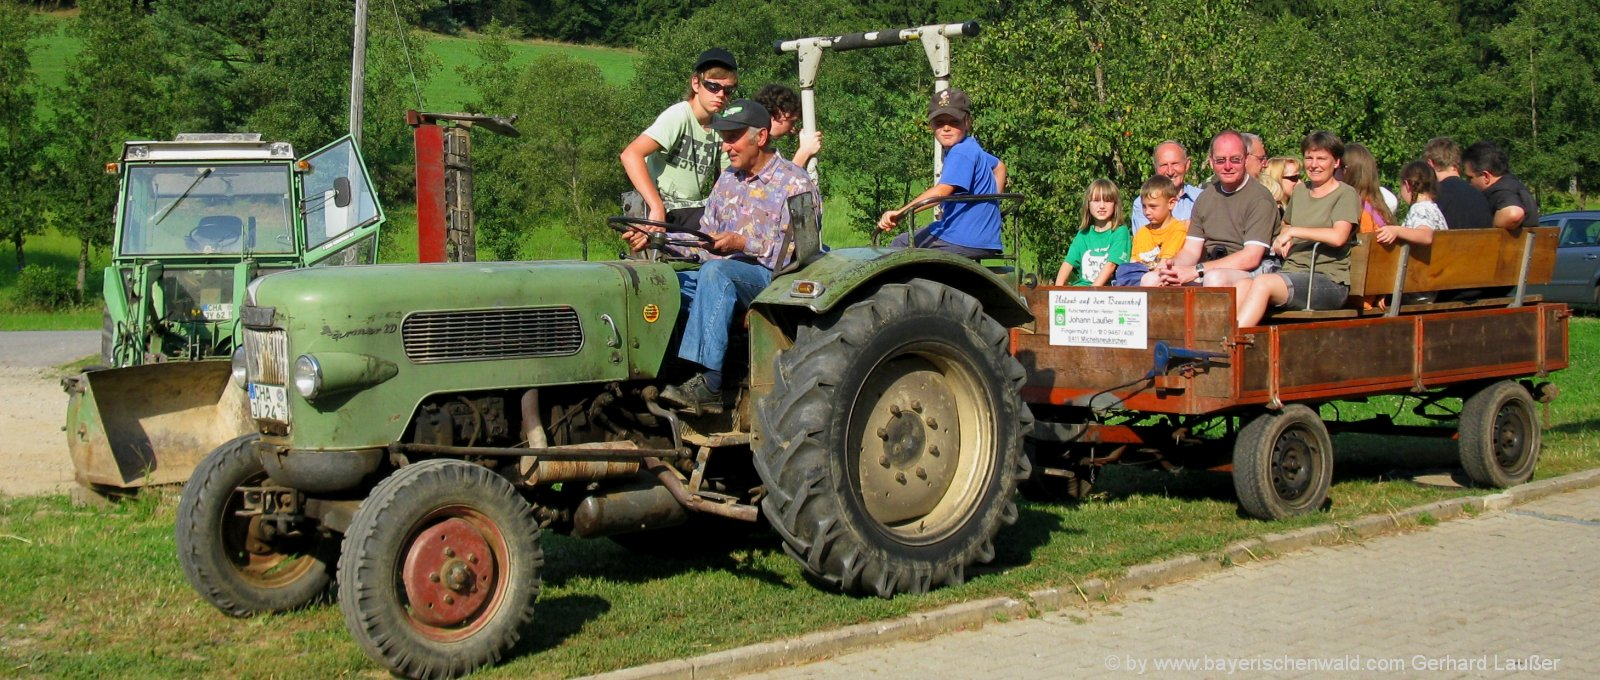 Bauernhofurlaub Bayerischer Wald mit Traktor fahren